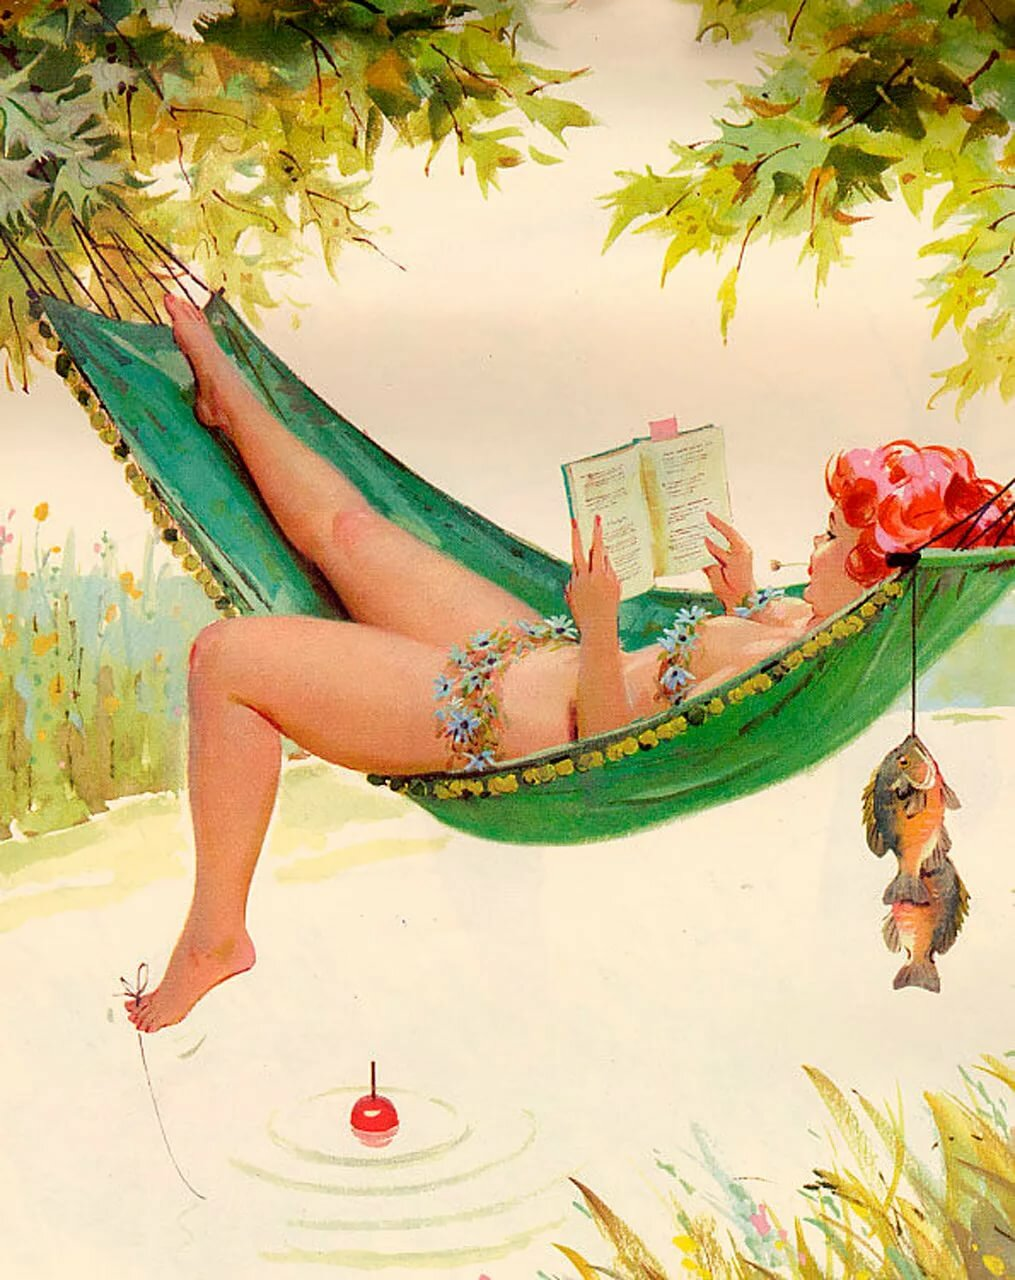 эхинацеи женский отдых в картинках прикольные размер мужского